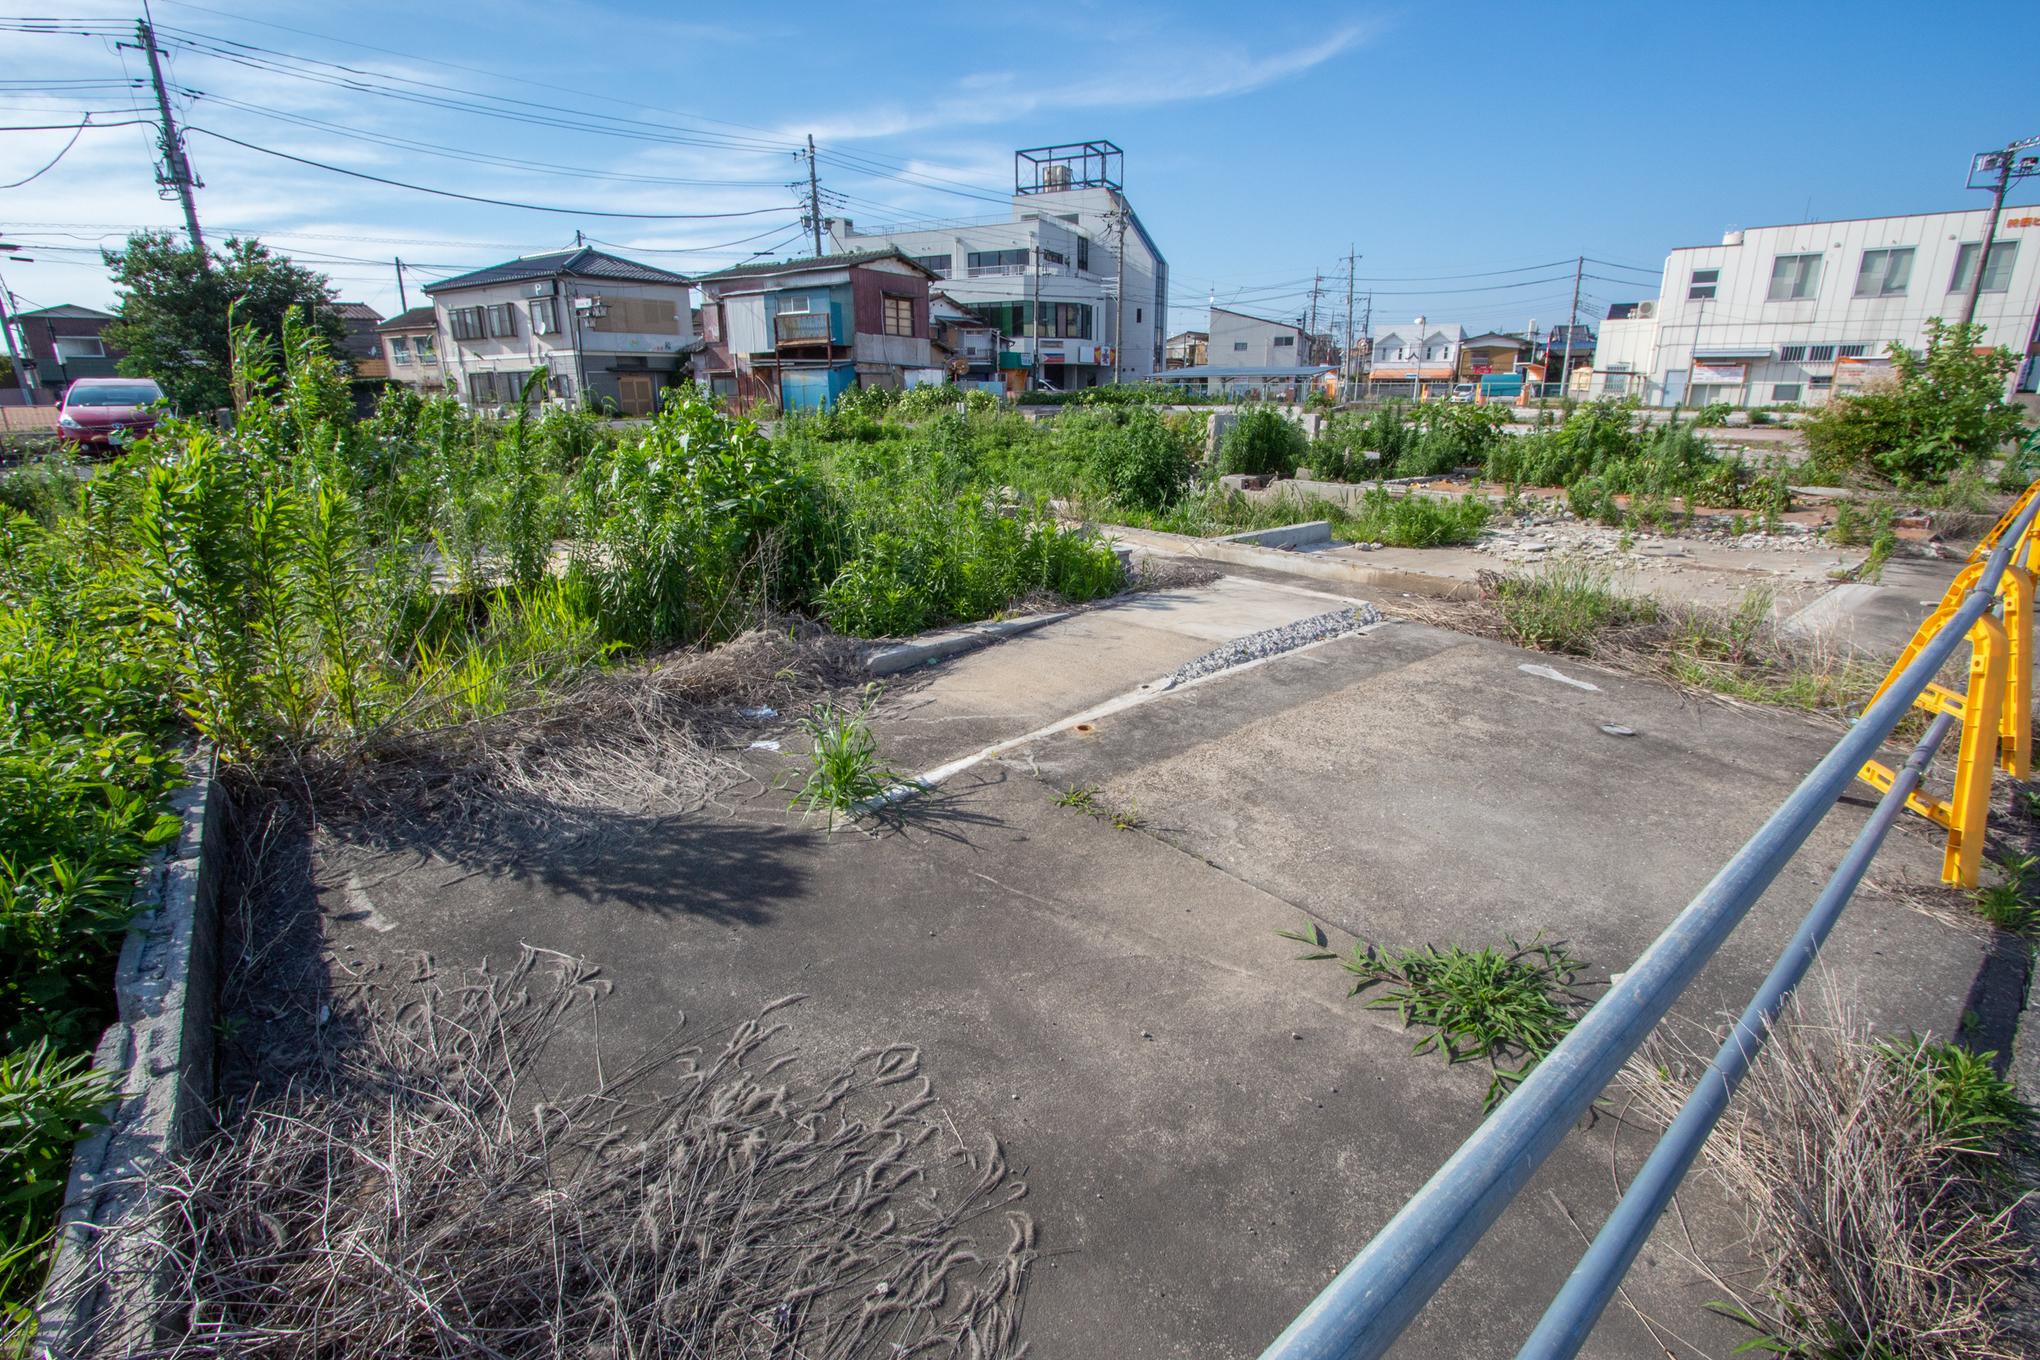 f:id:akichiniiko:20200609113329j:plain